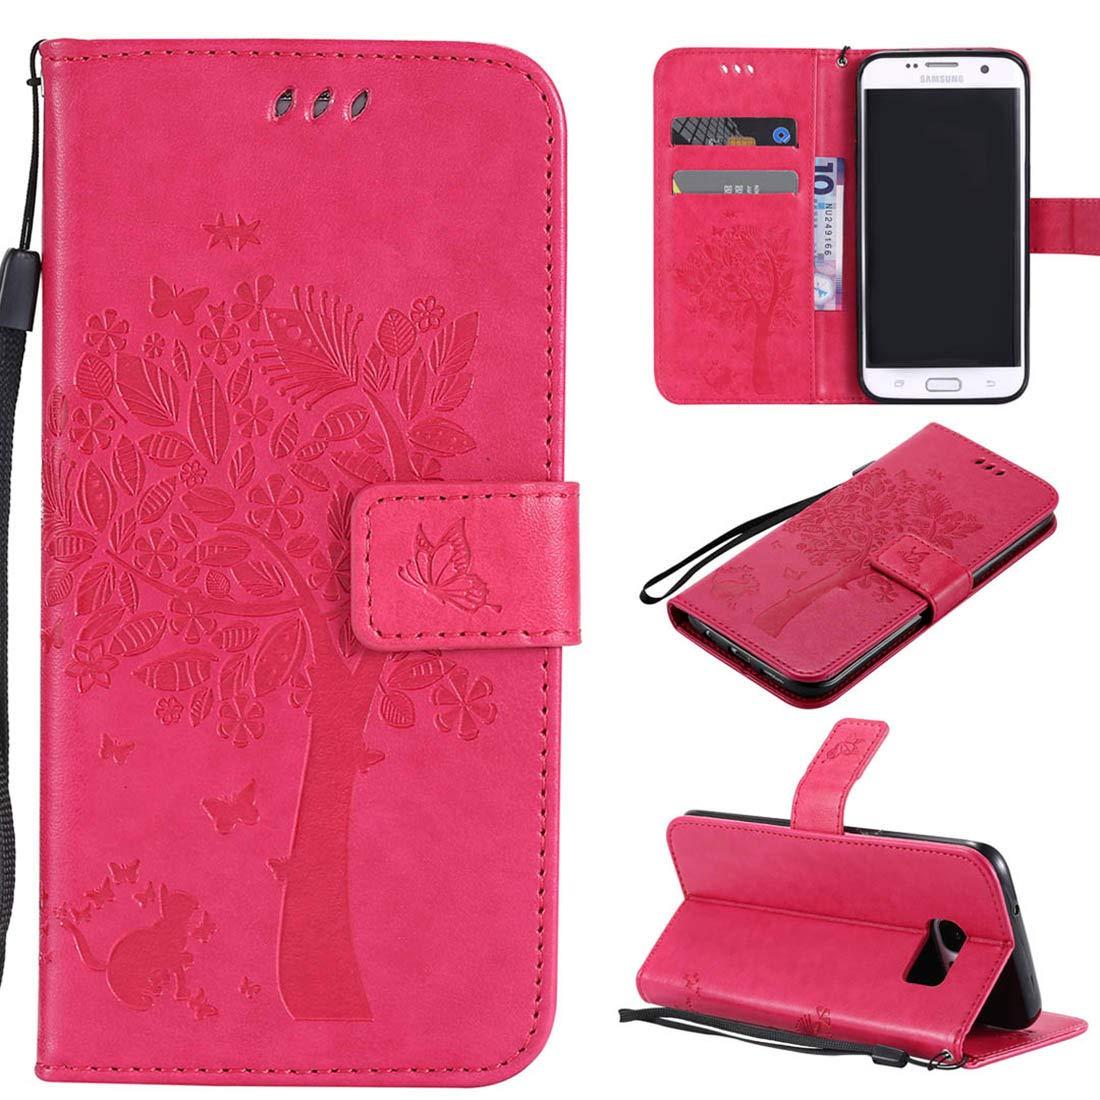 Lyzwn Coque Samsung Galaxy S7 Edge Housse en Cuir PU Flip Coque Etui Wallet Case avec Support Cartes Slots Fermeture Aimantée pour Samsung Galaxy S7 Edge Étui Motif de Couleur